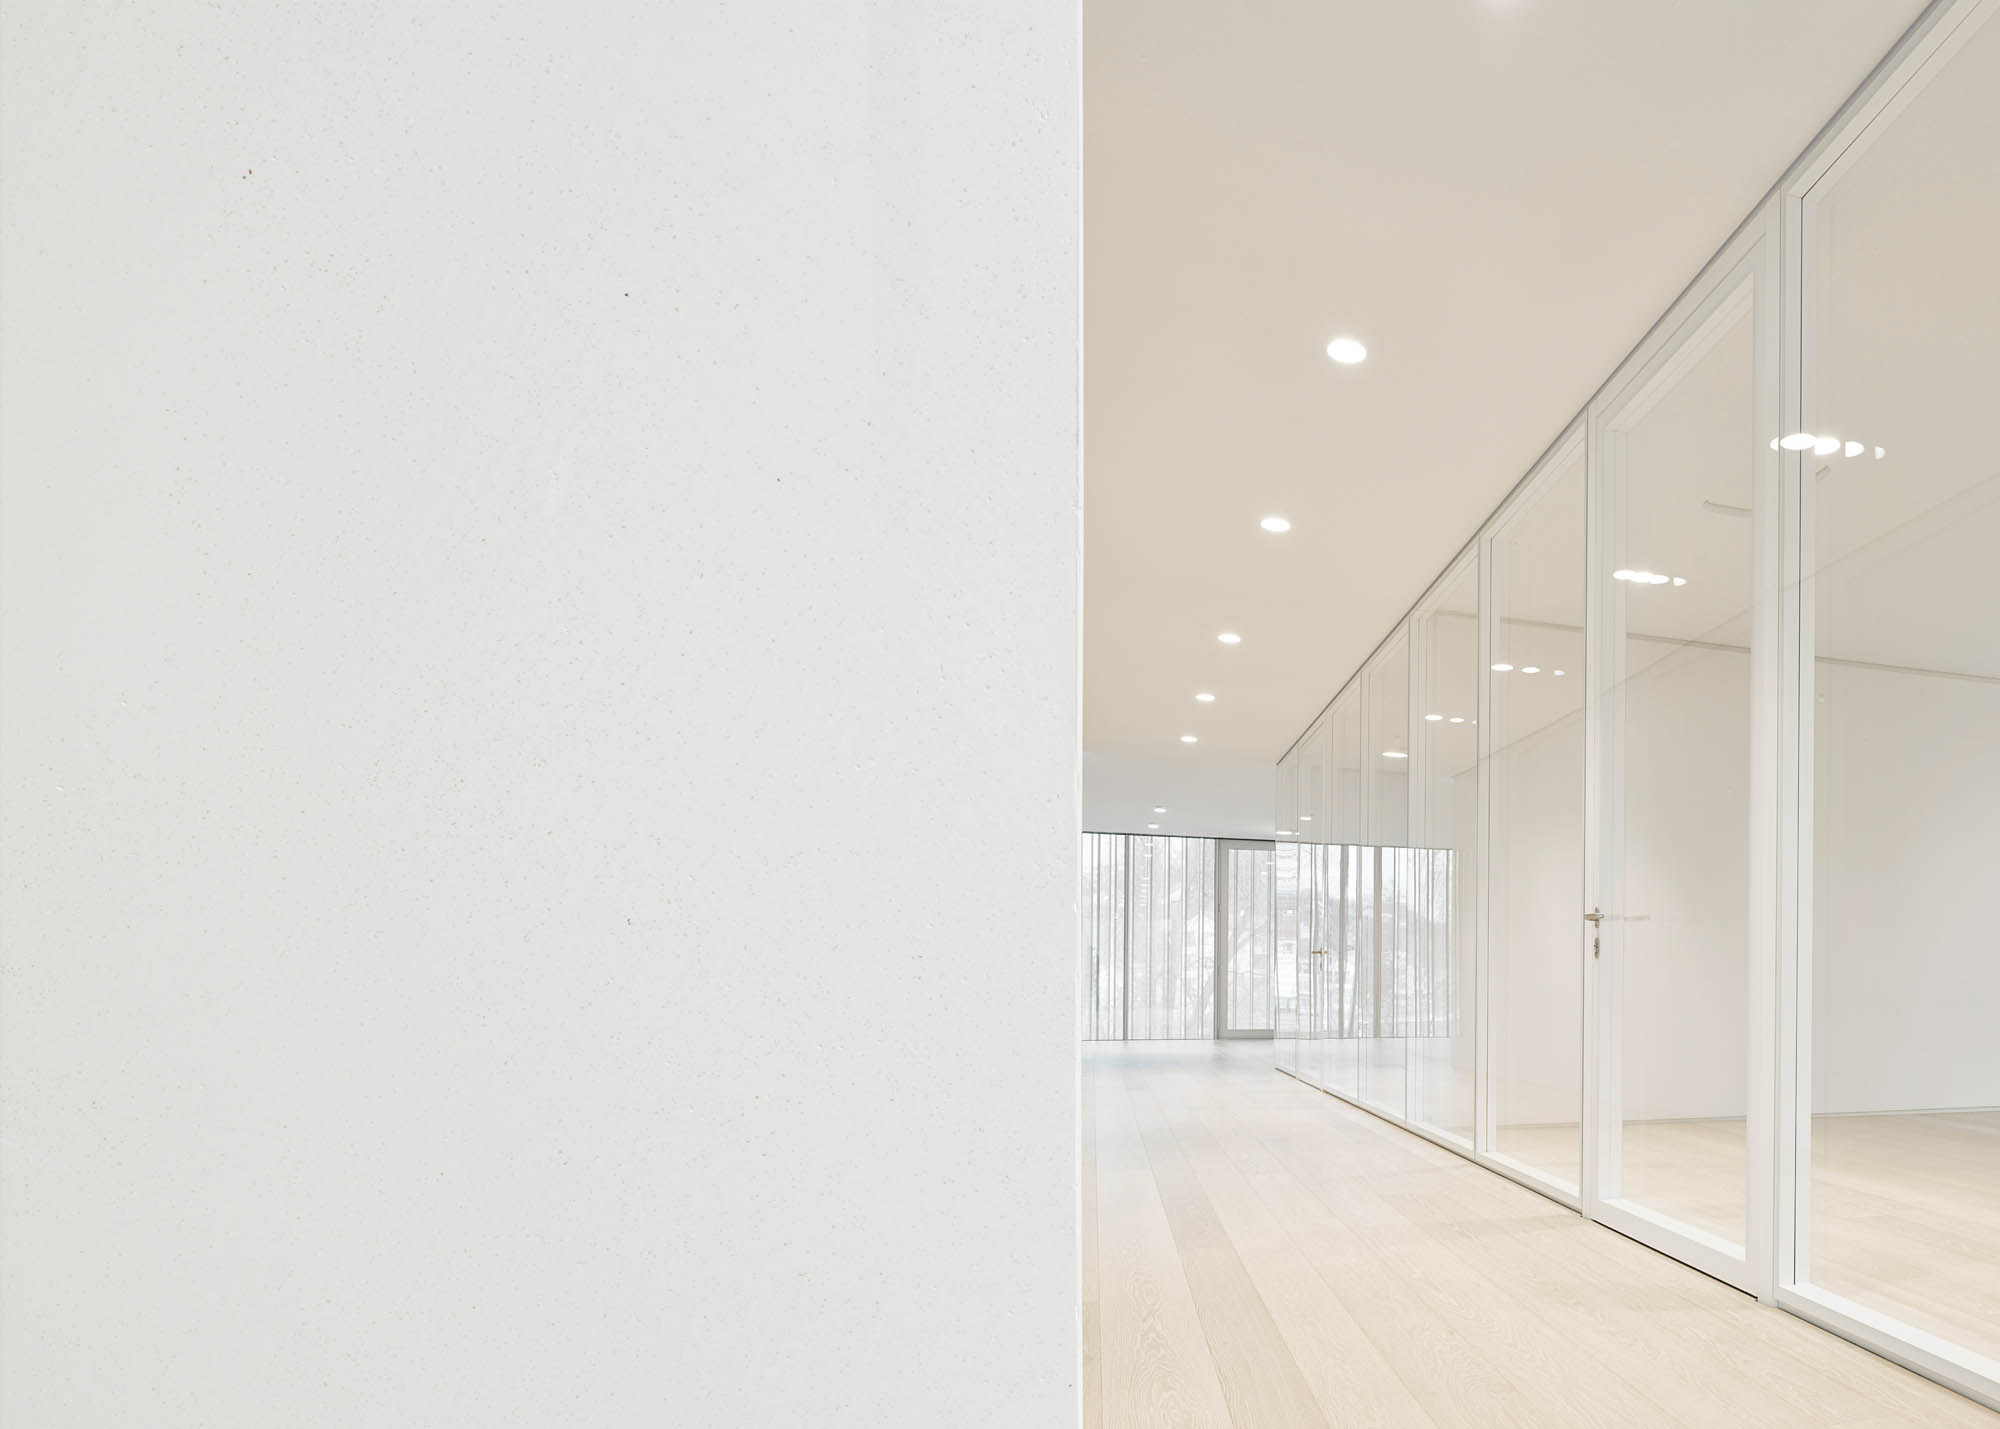 OPC 151212 0242 2 - Eva Mayr-Stihl Stiftung: Fotografie des neuen Verwaltungsgebäudes